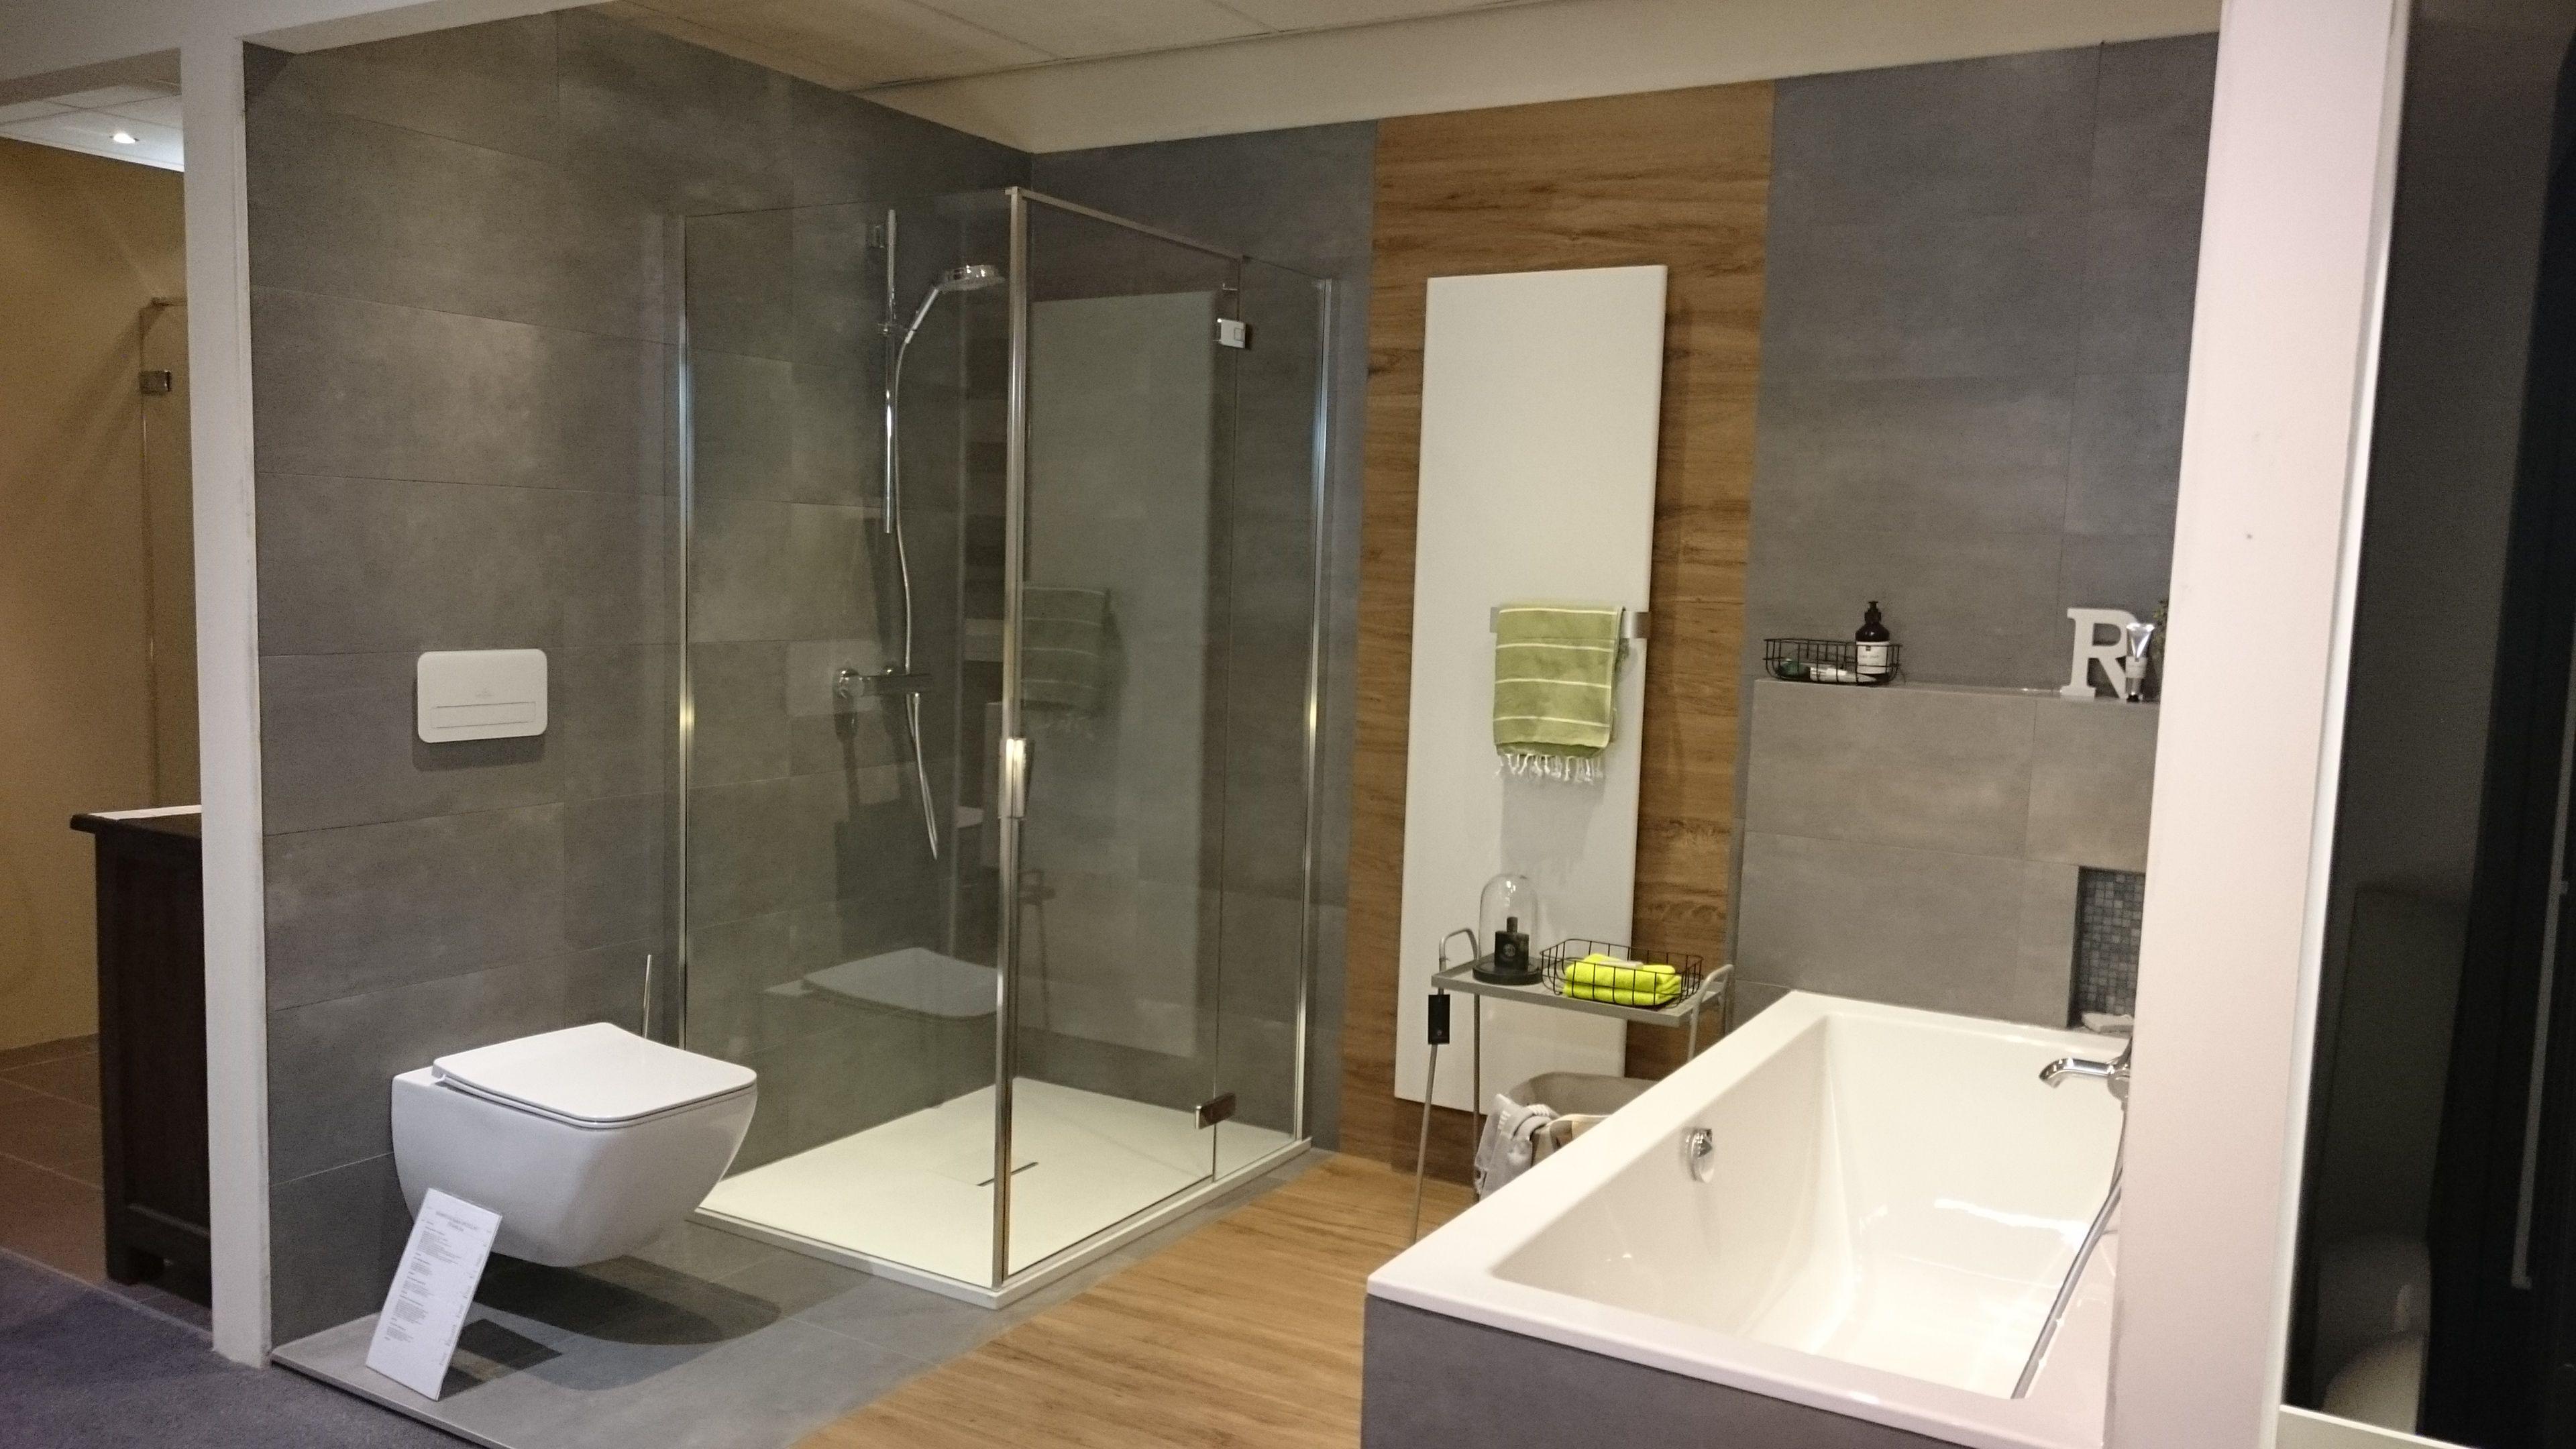 Badkamer Houtlook Tegels : Afbeeldingsresultaat voor badkamer met houtlook tegels badkamer